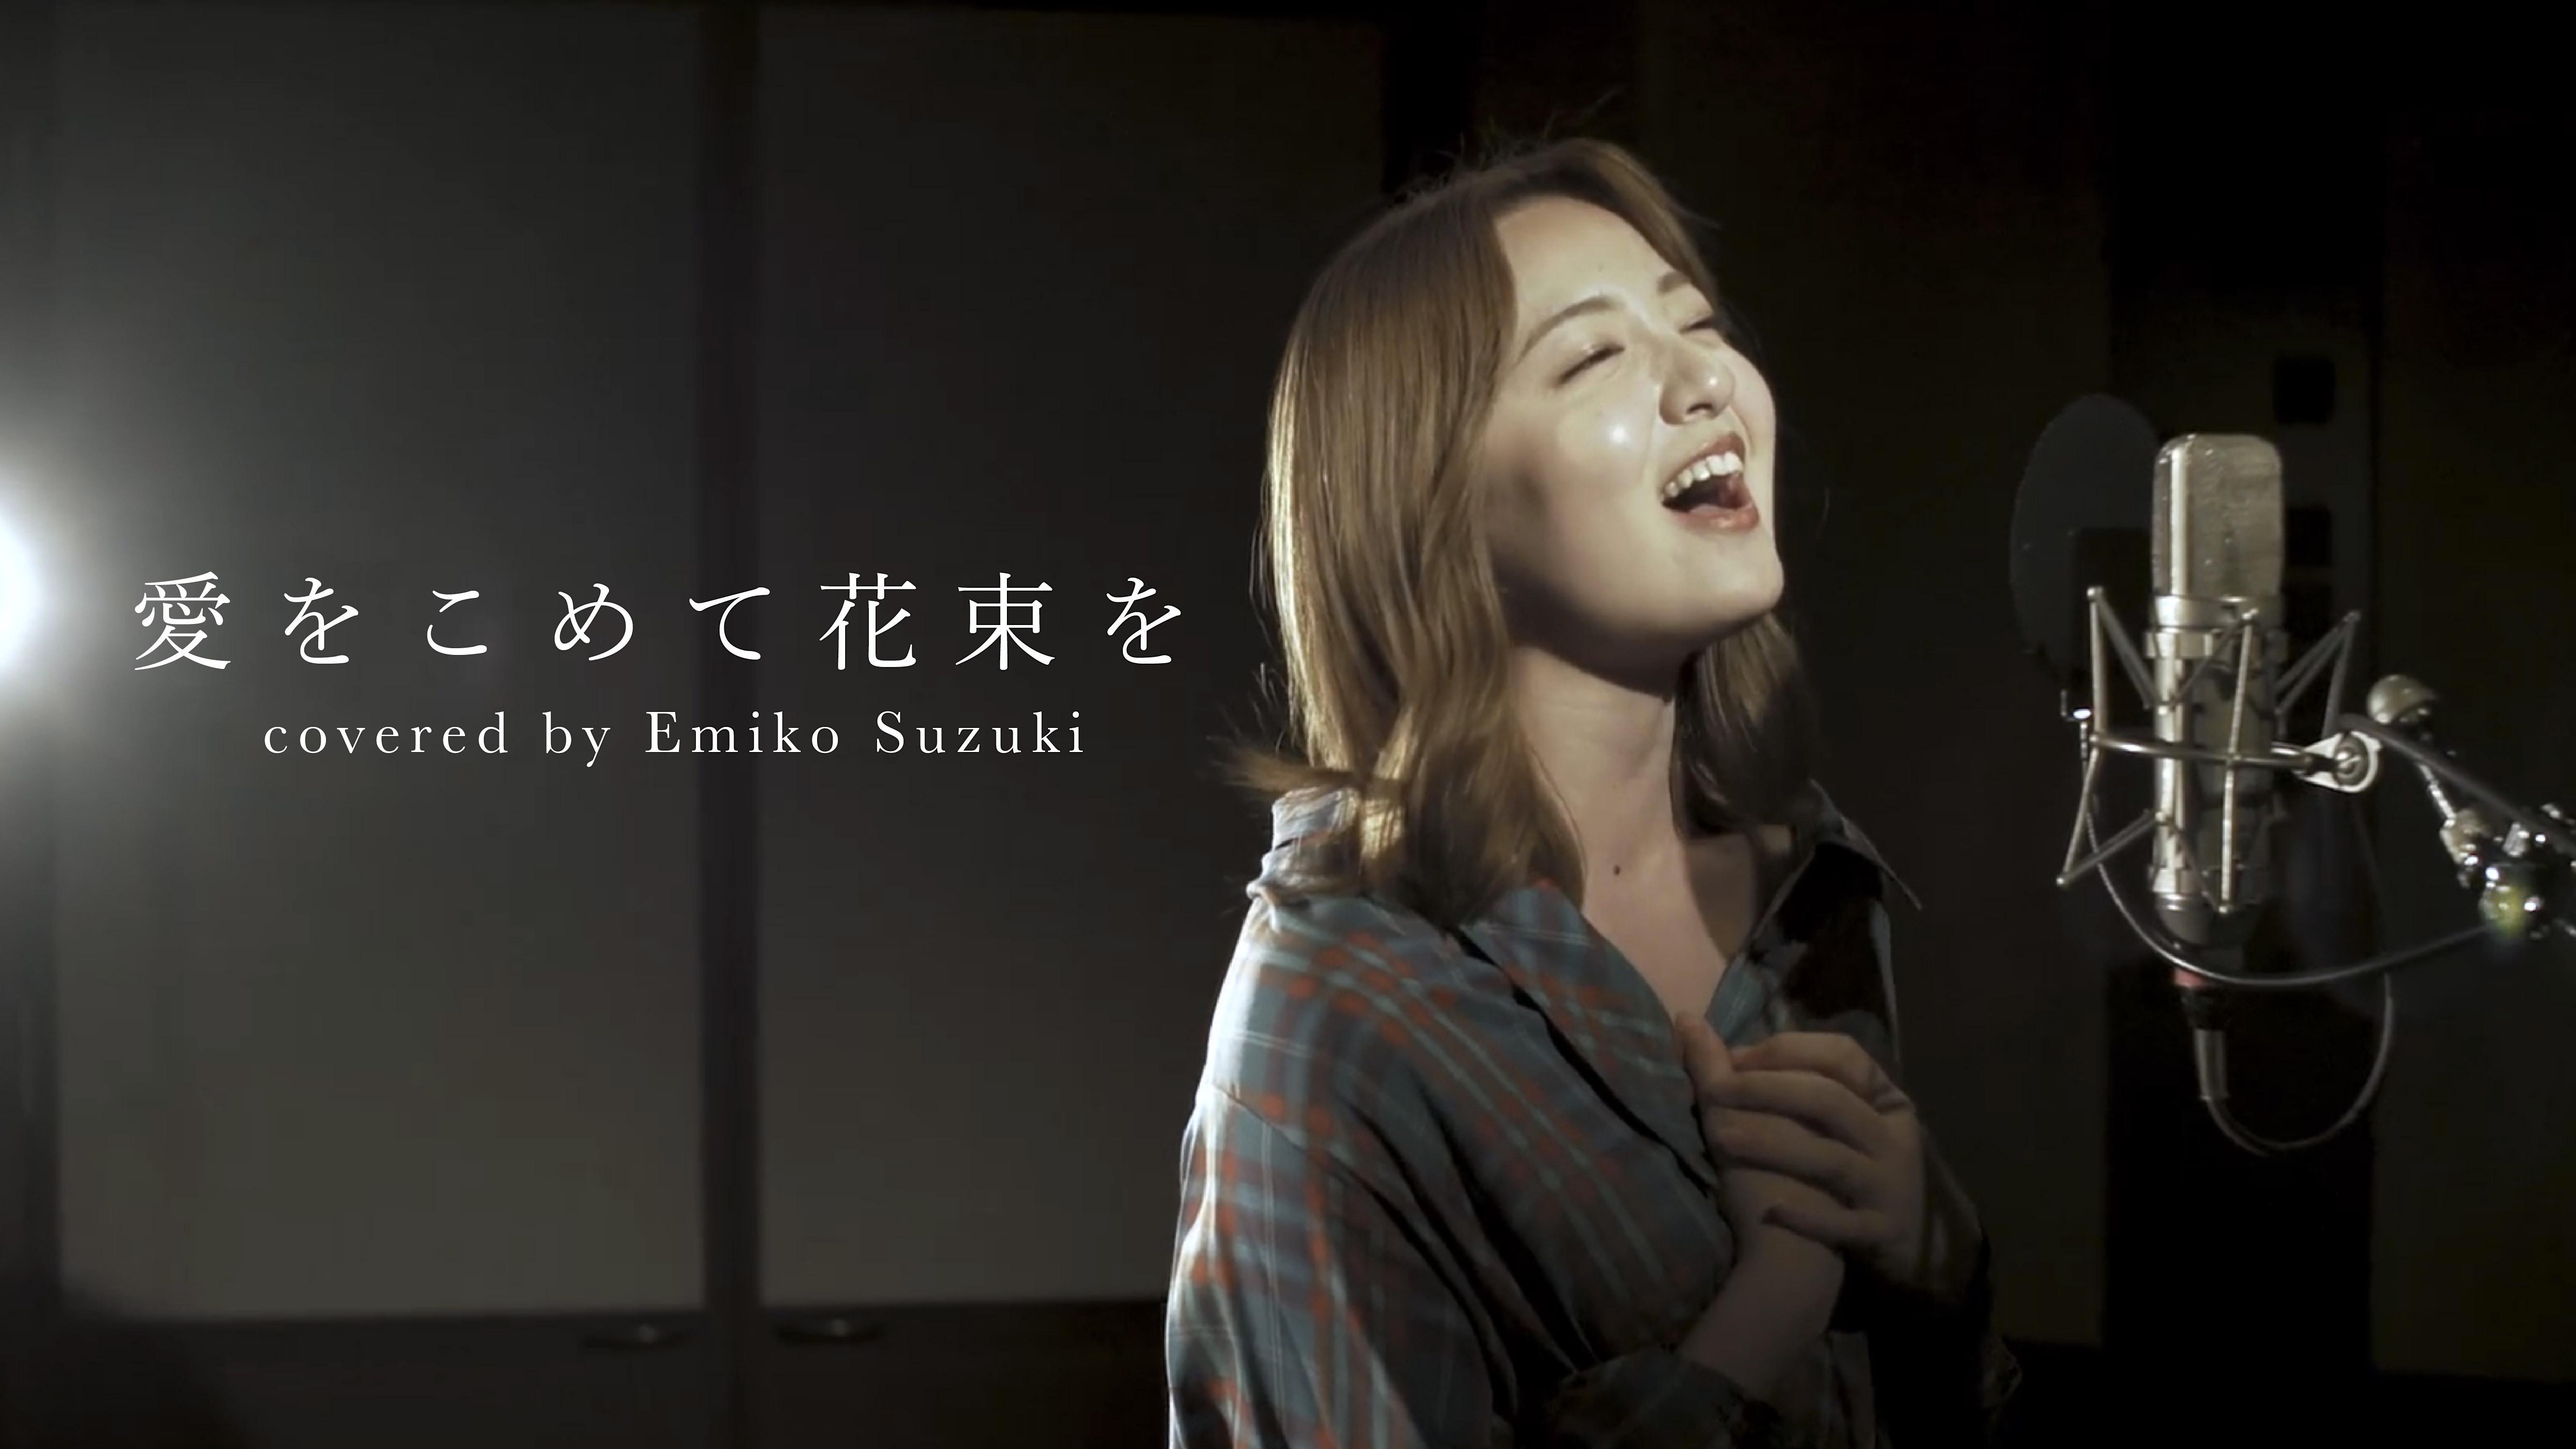 鈴木瑛美子 Superfly「愛をこめて花束を」カバー動画より